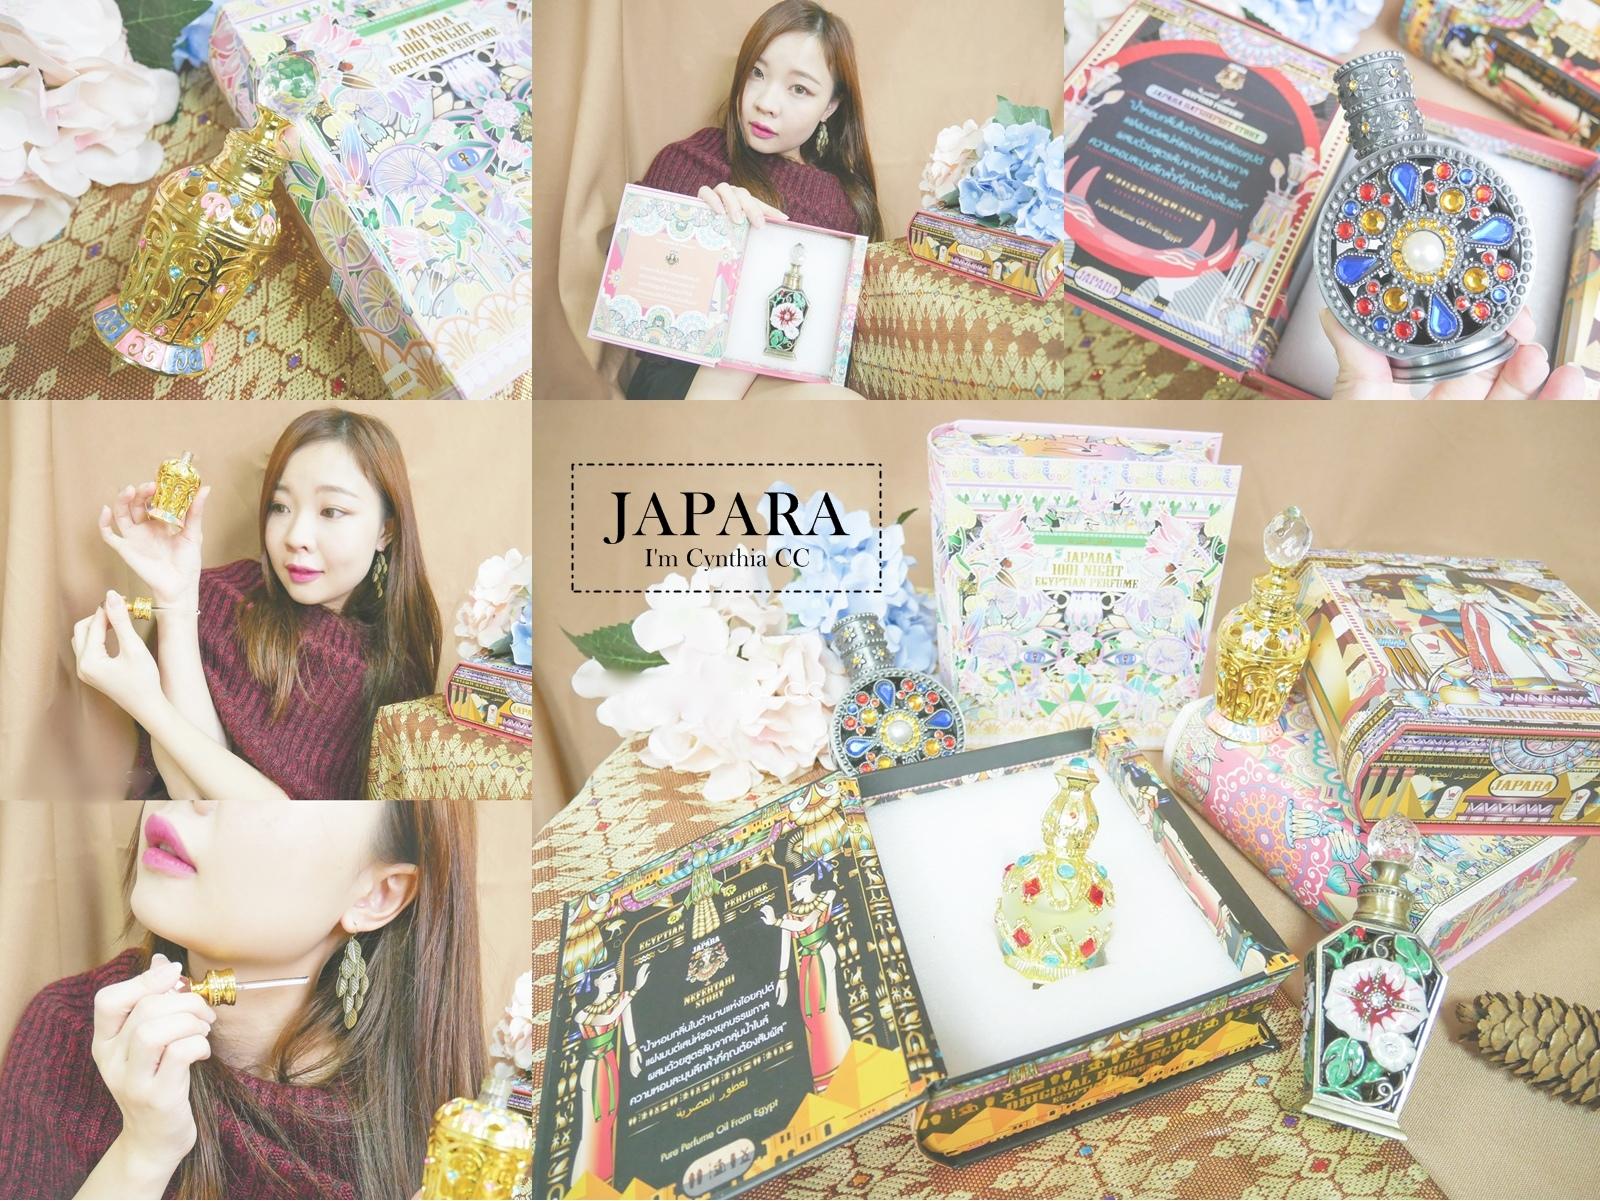 泰國JAPARA-如金字塔寶藏般迷人的無酒精埃及費洛蒙女性精油香水